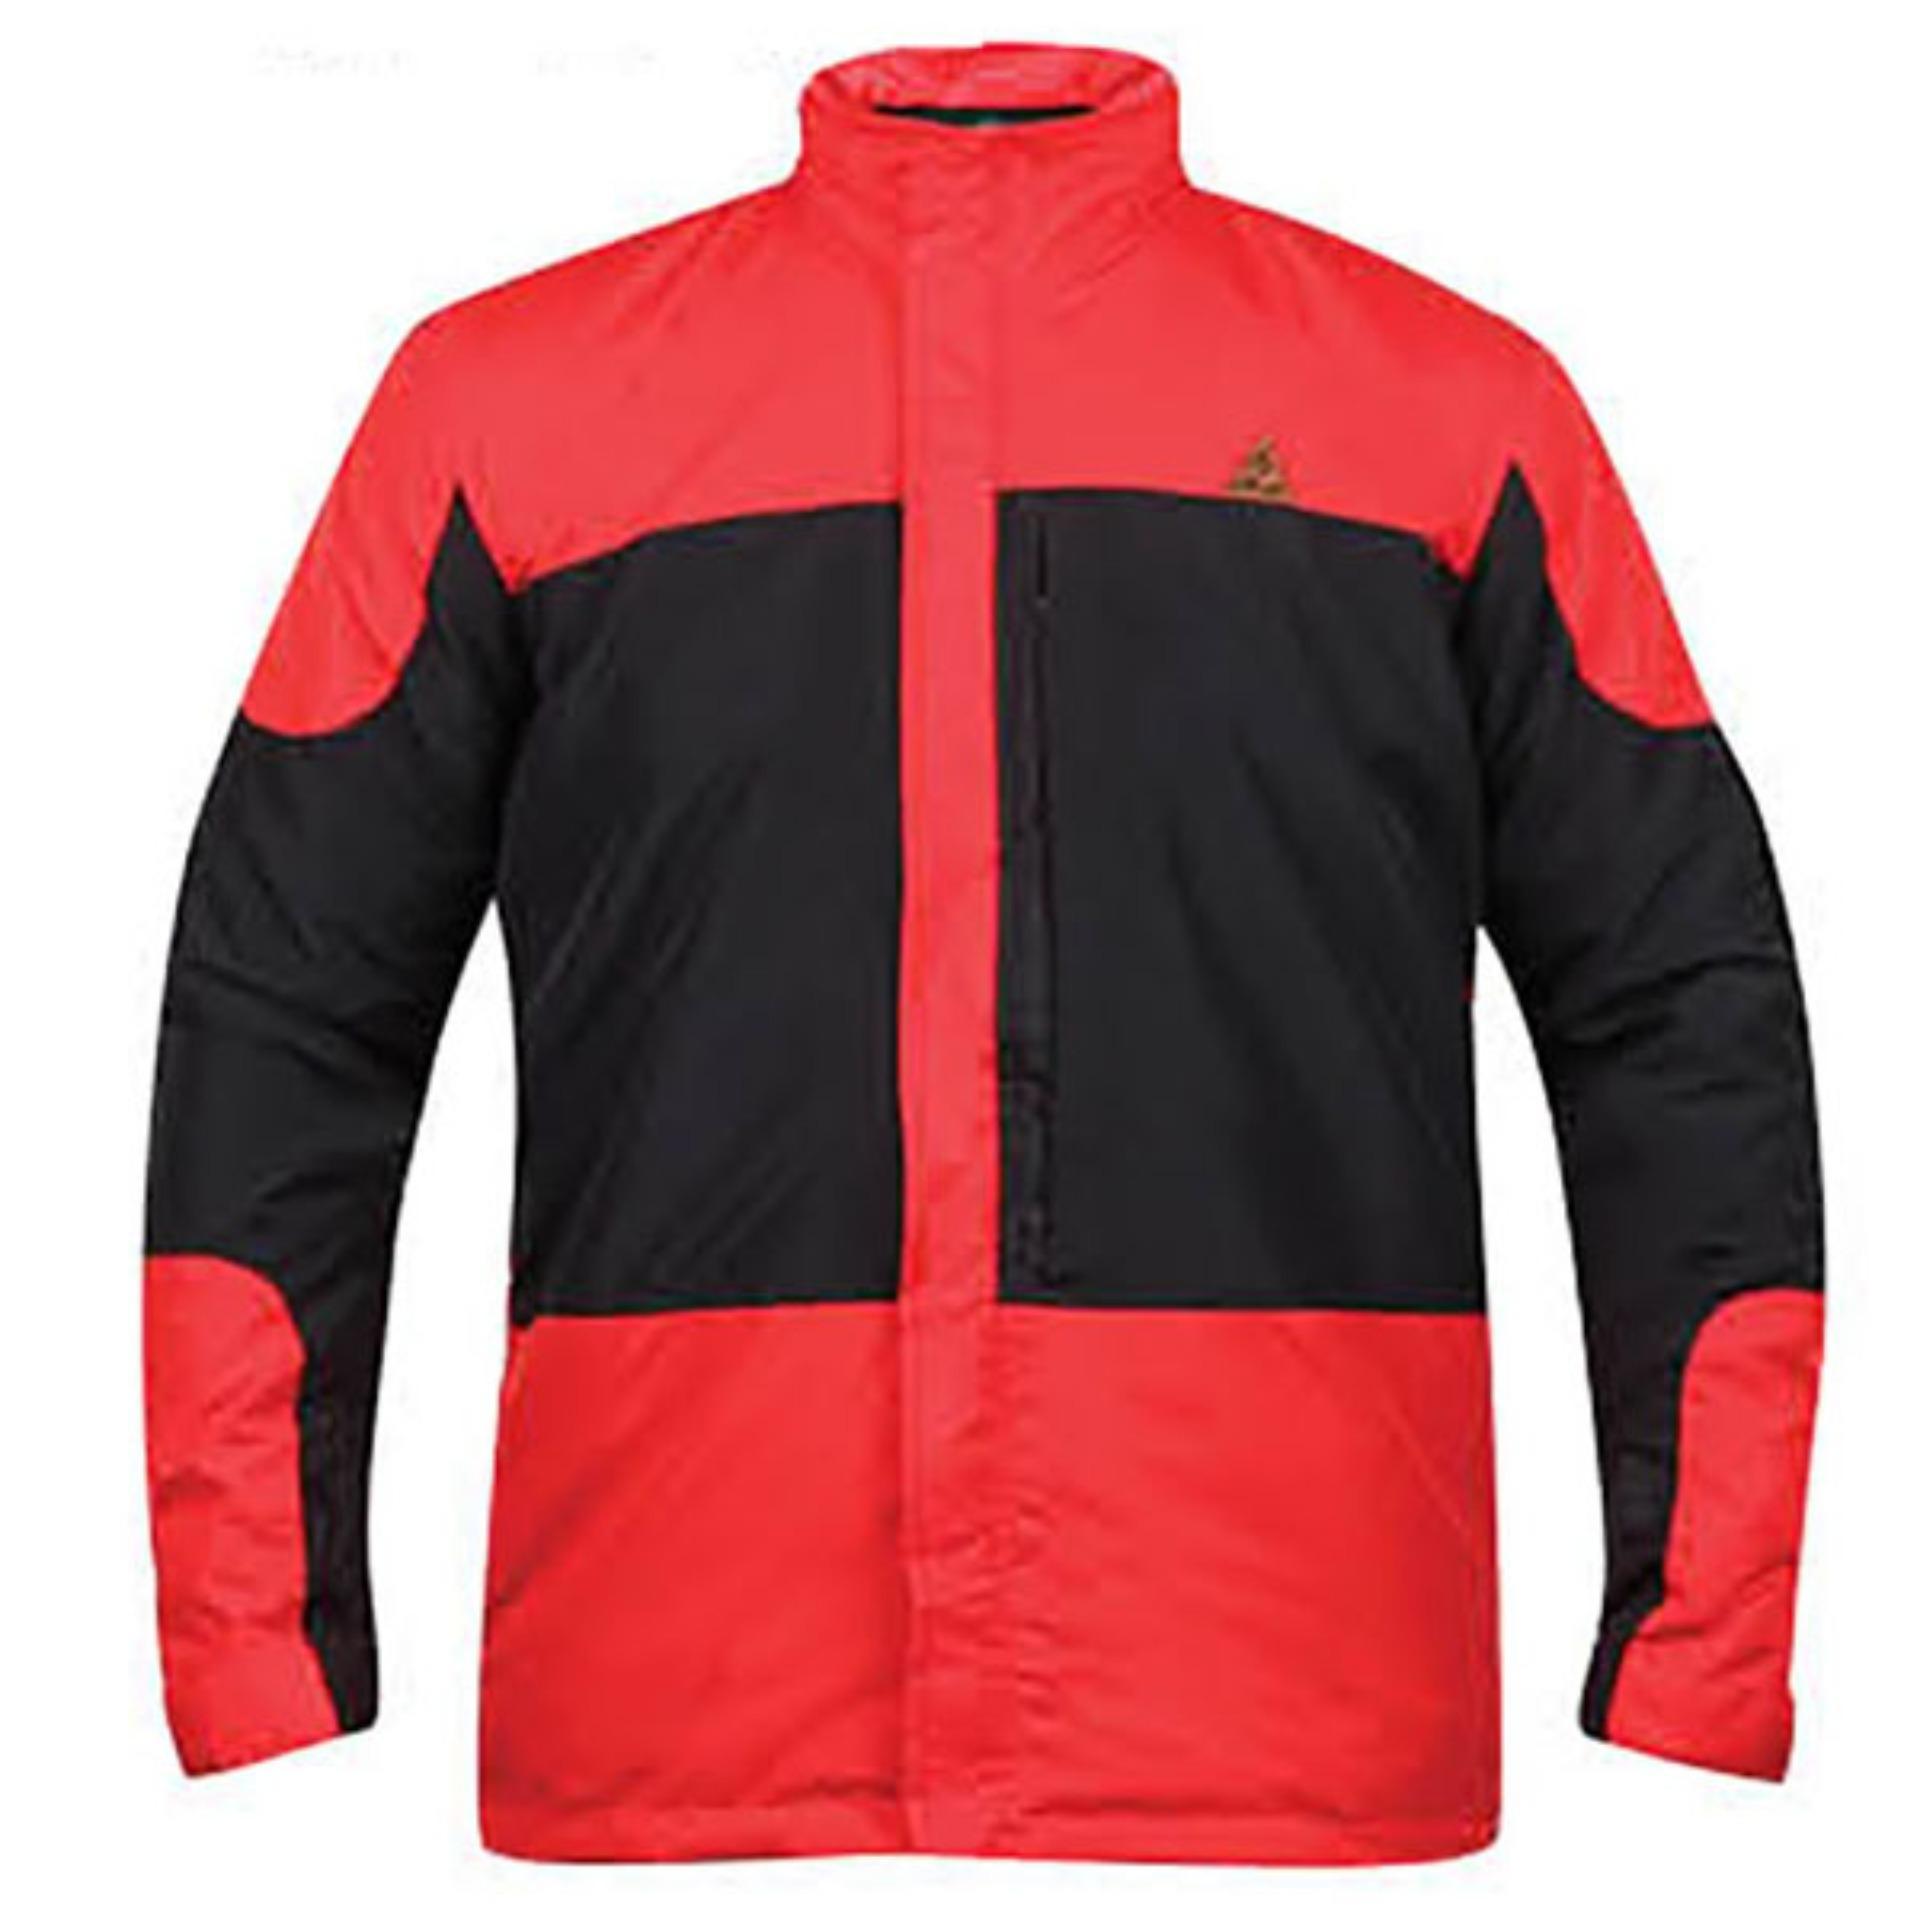 Zeintin Jaket Biker Pria Fj 4215 Sgb5 Daftar Harga Terbaru Dan Baju A7836 Kemeja Batik Slimfit Sgb 400000 Zjp1000